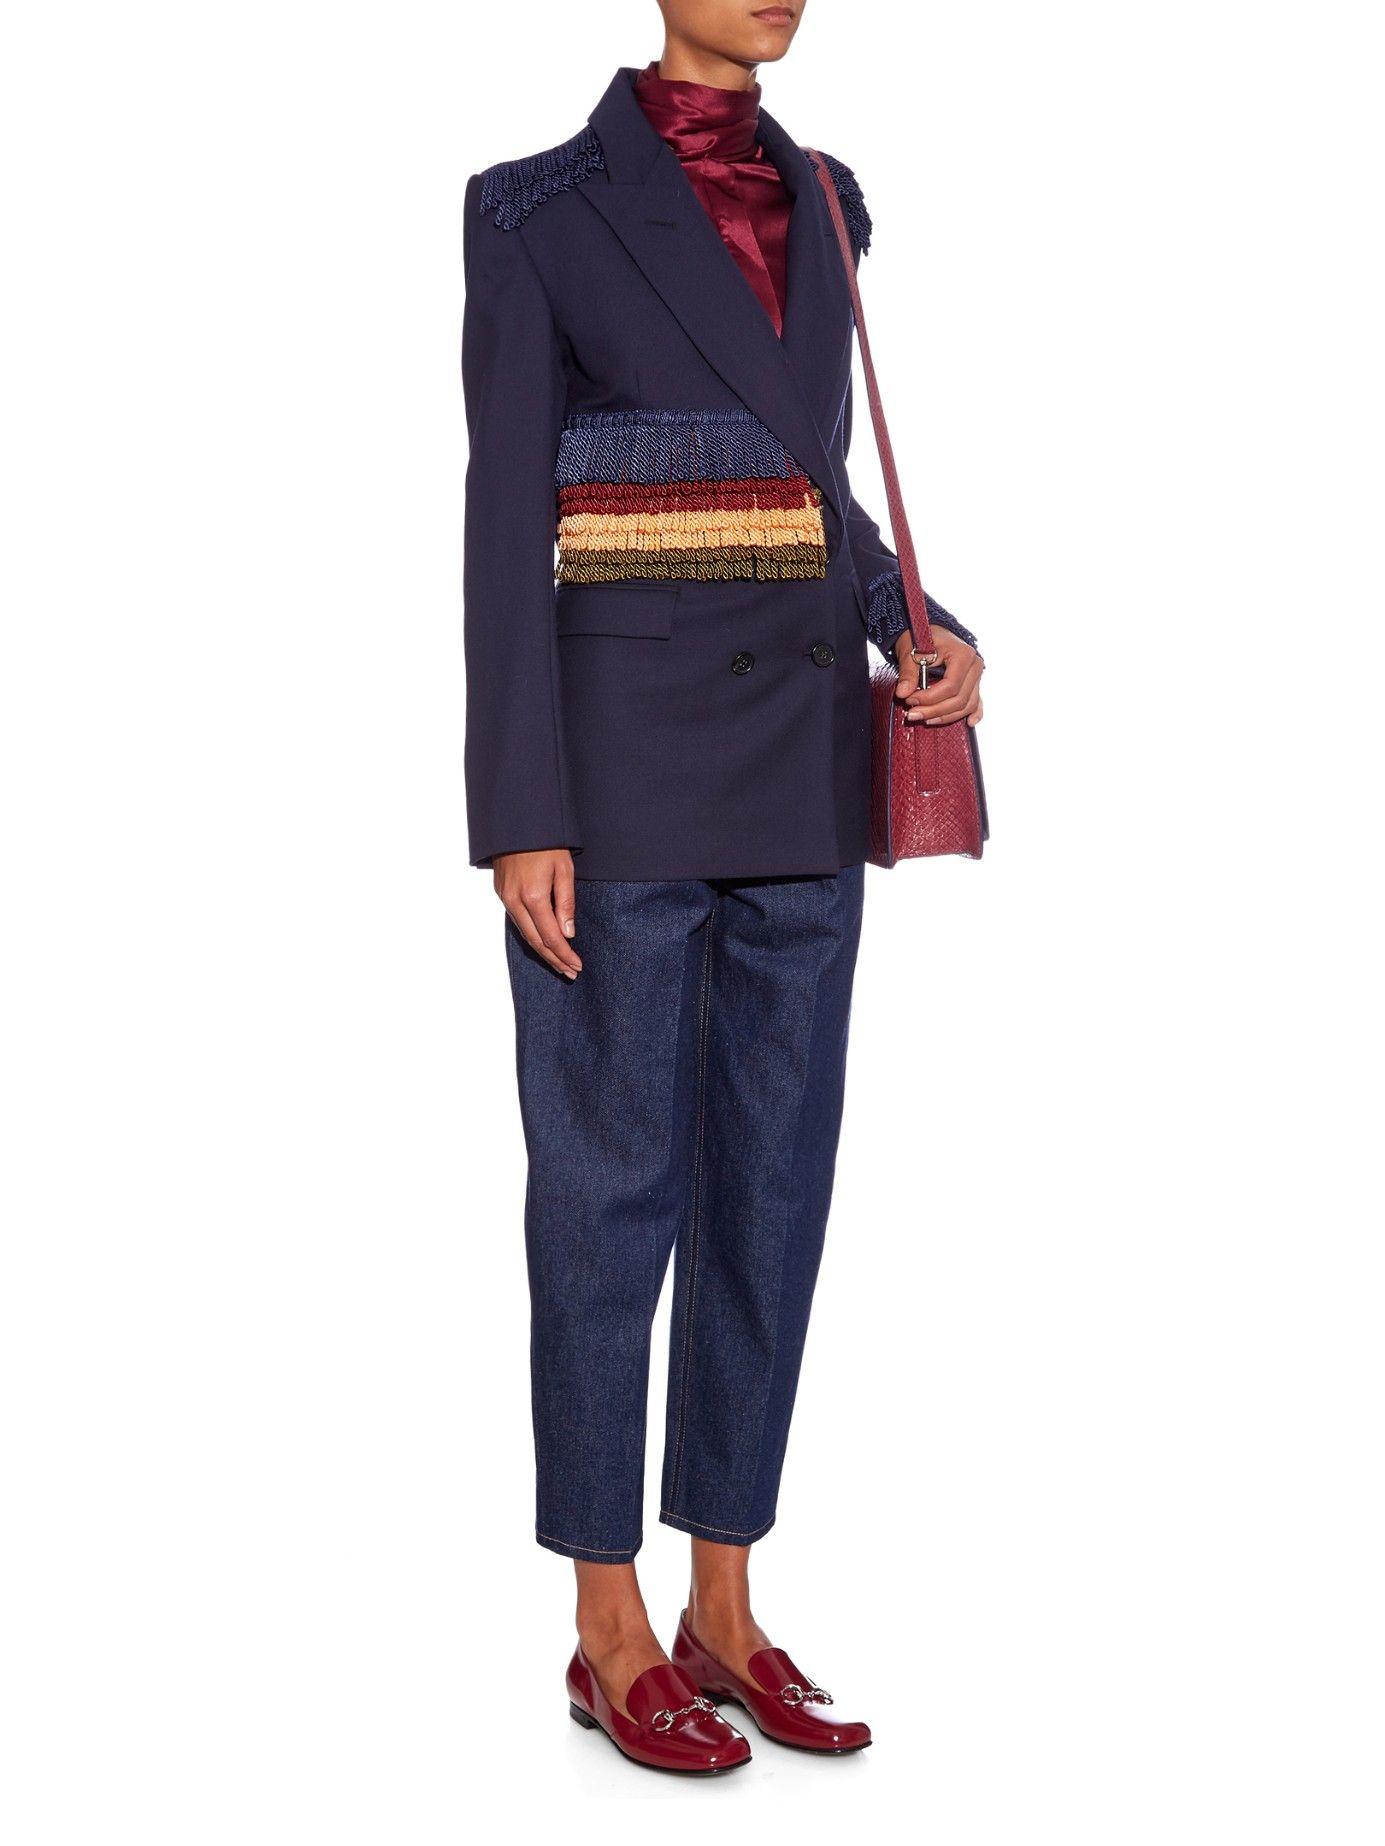 Worsted fringed wool jacket | Hillier Bartley | MATCHESFASHION.COM UK